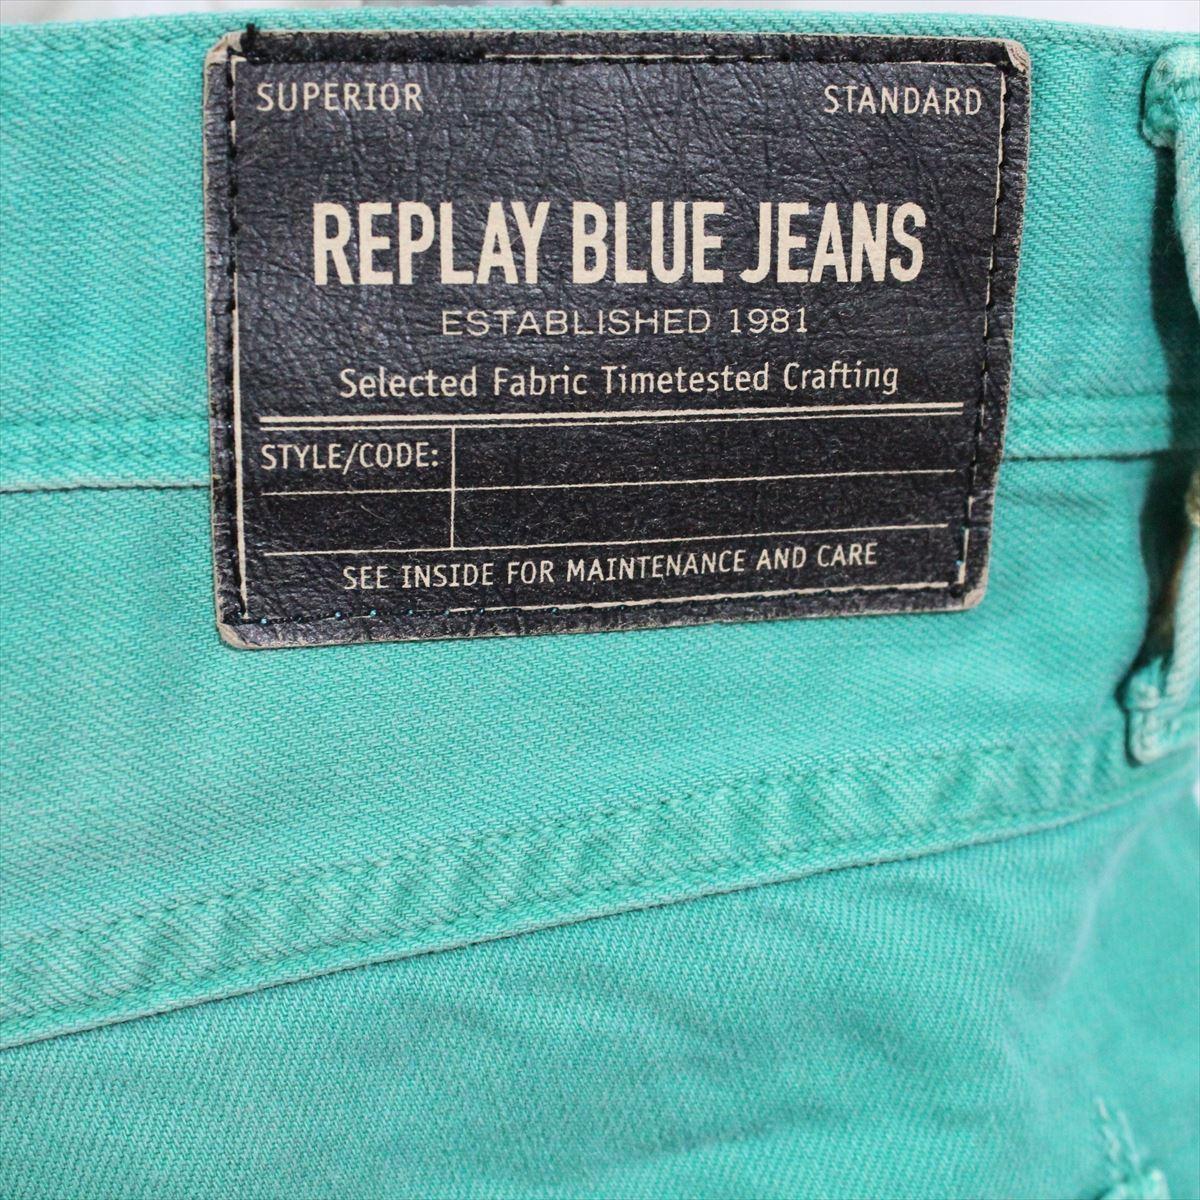 リプレイ REPLAY メンズカラーパンツ ジーンズ デニムパンツ SLIM グリーン 31インチ 新品 REPLAY BLUE JEANS anbass slim jeans_画像6